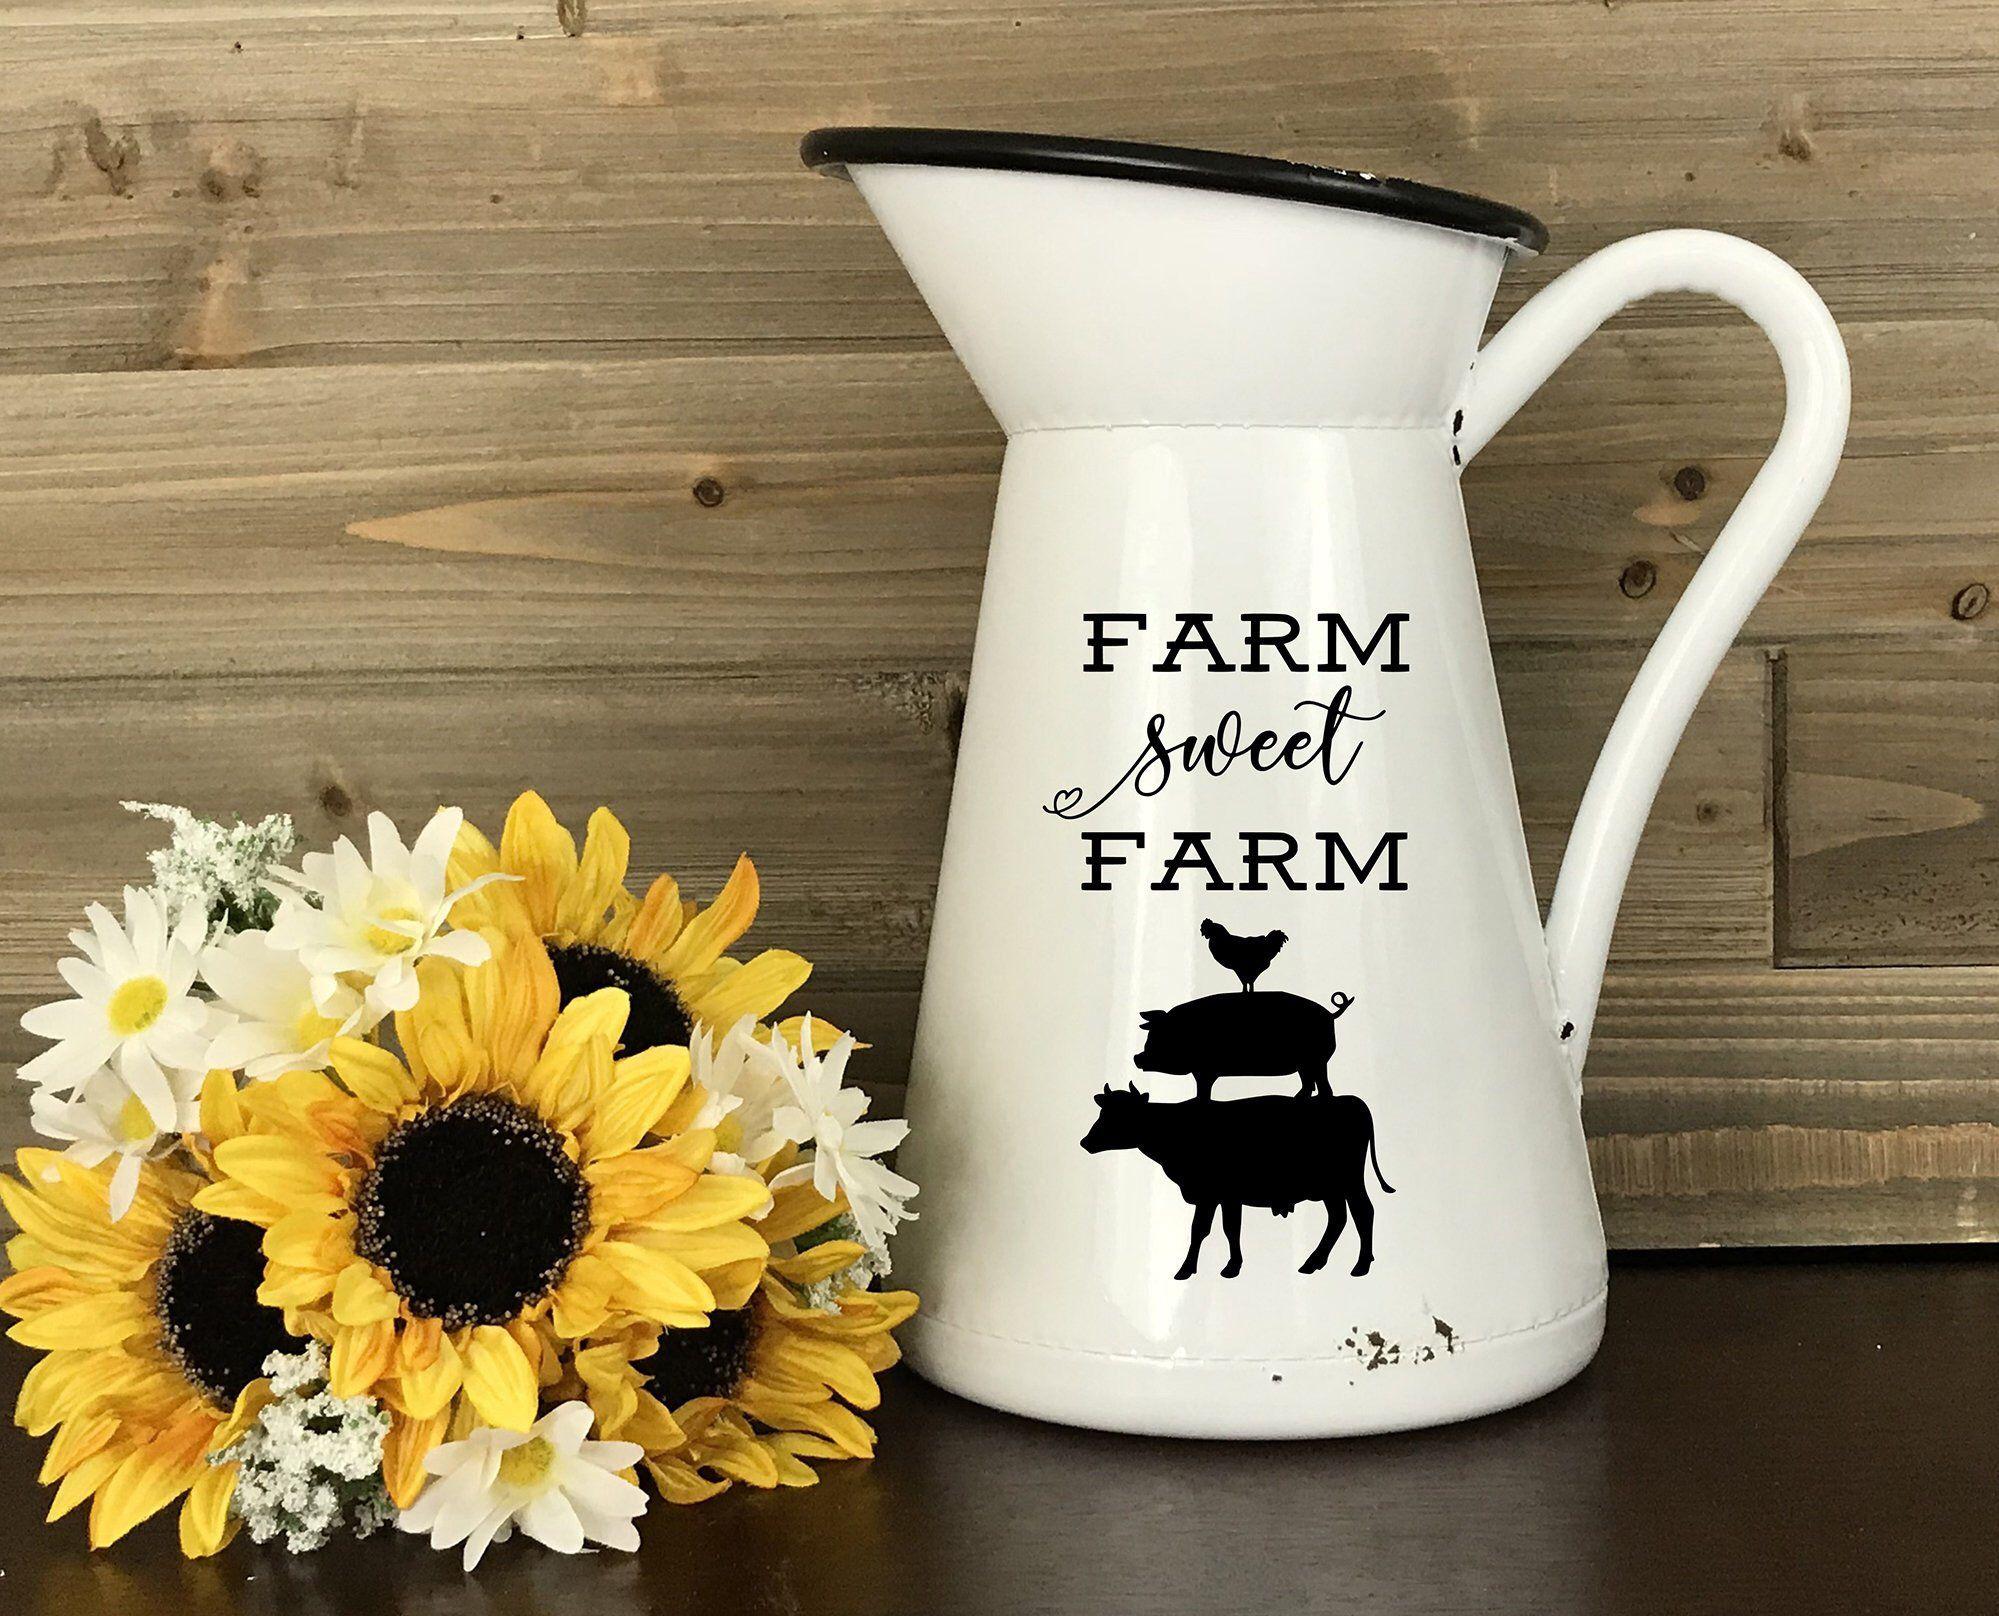 Farmhouse Metal Milk Pitcher, White Farm Sweet Farm Enamel